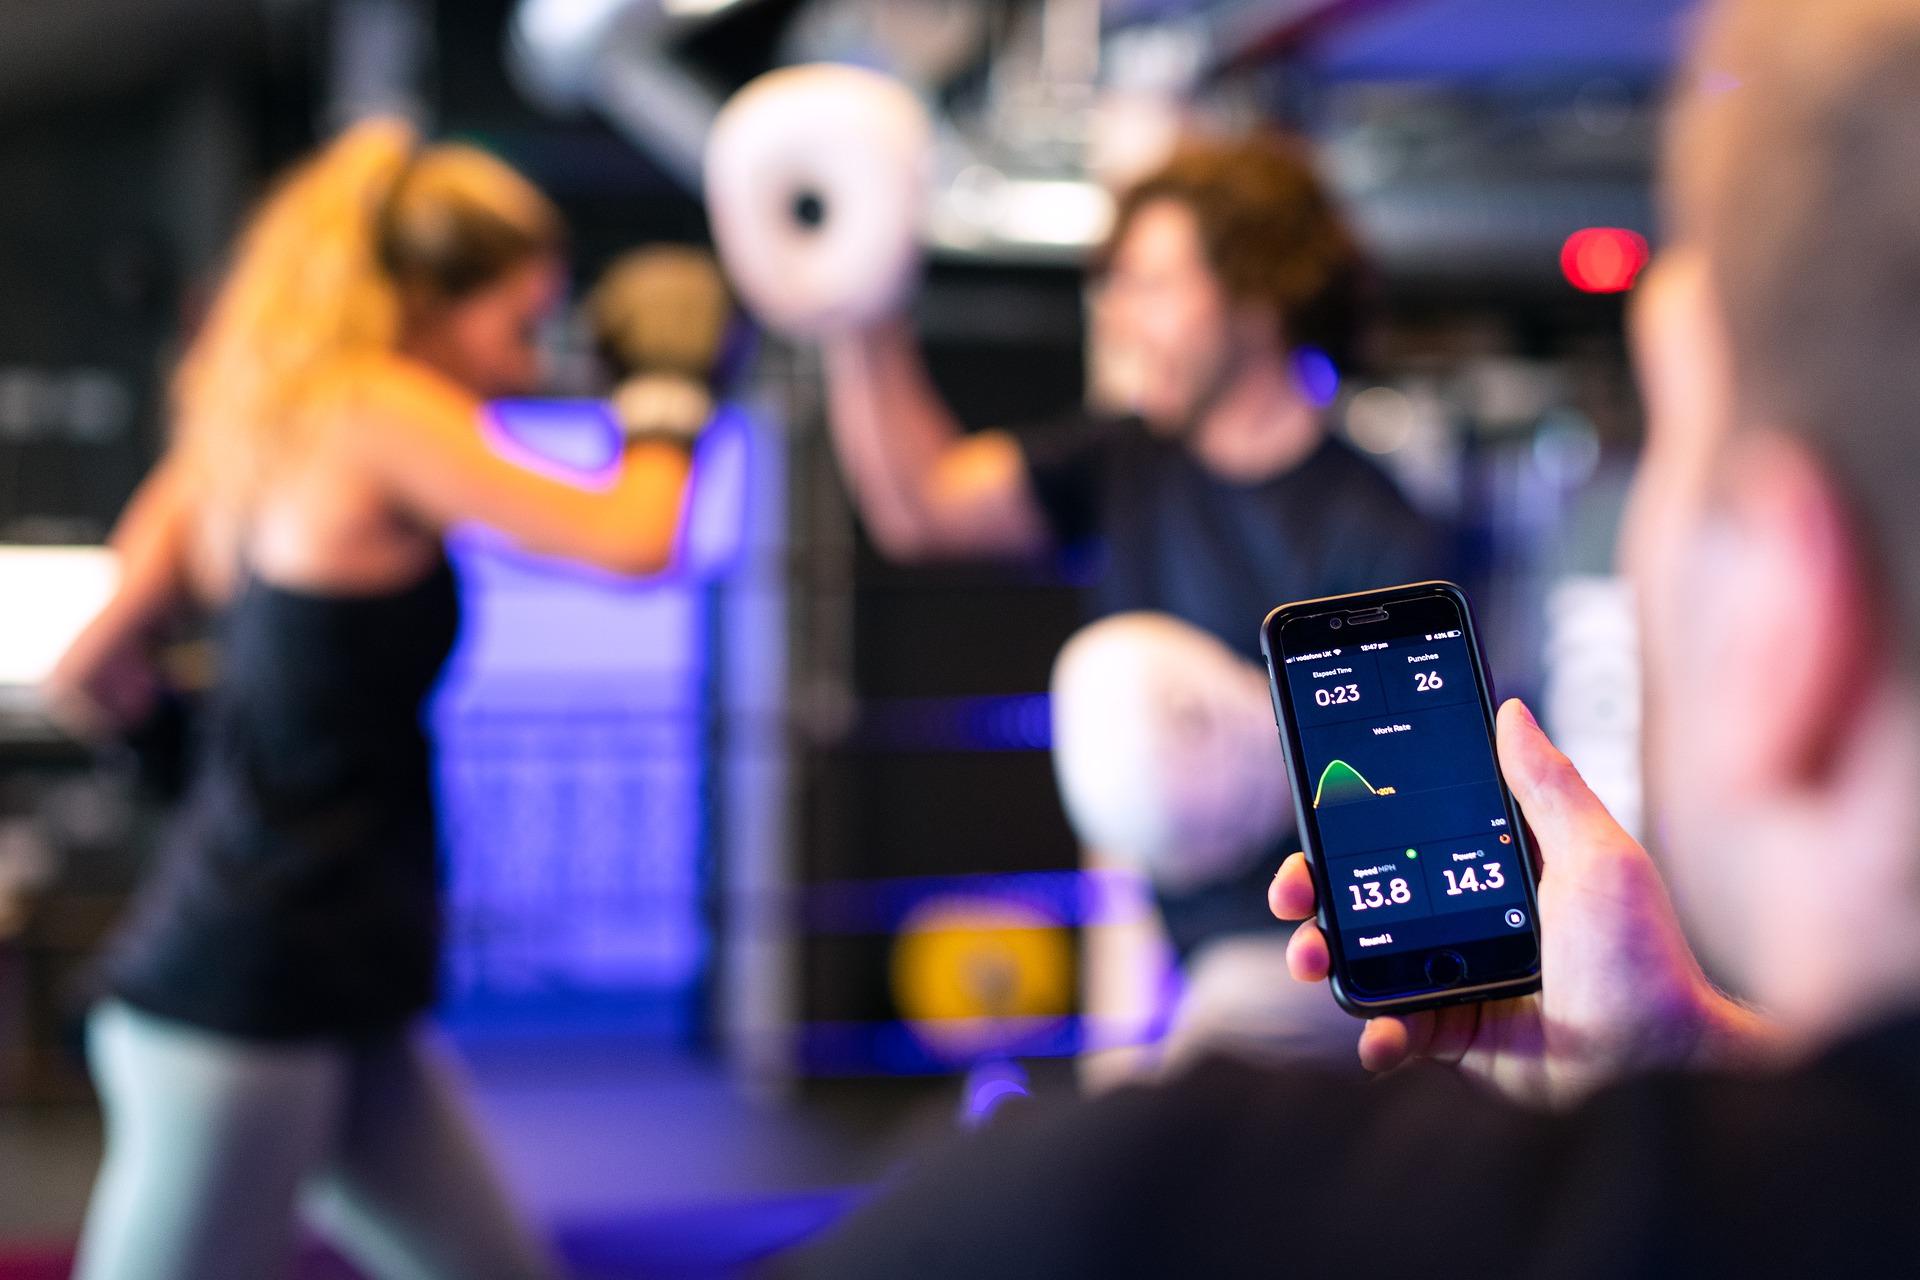 Comment améliorer ses résultats sportifs grâce à la technologie